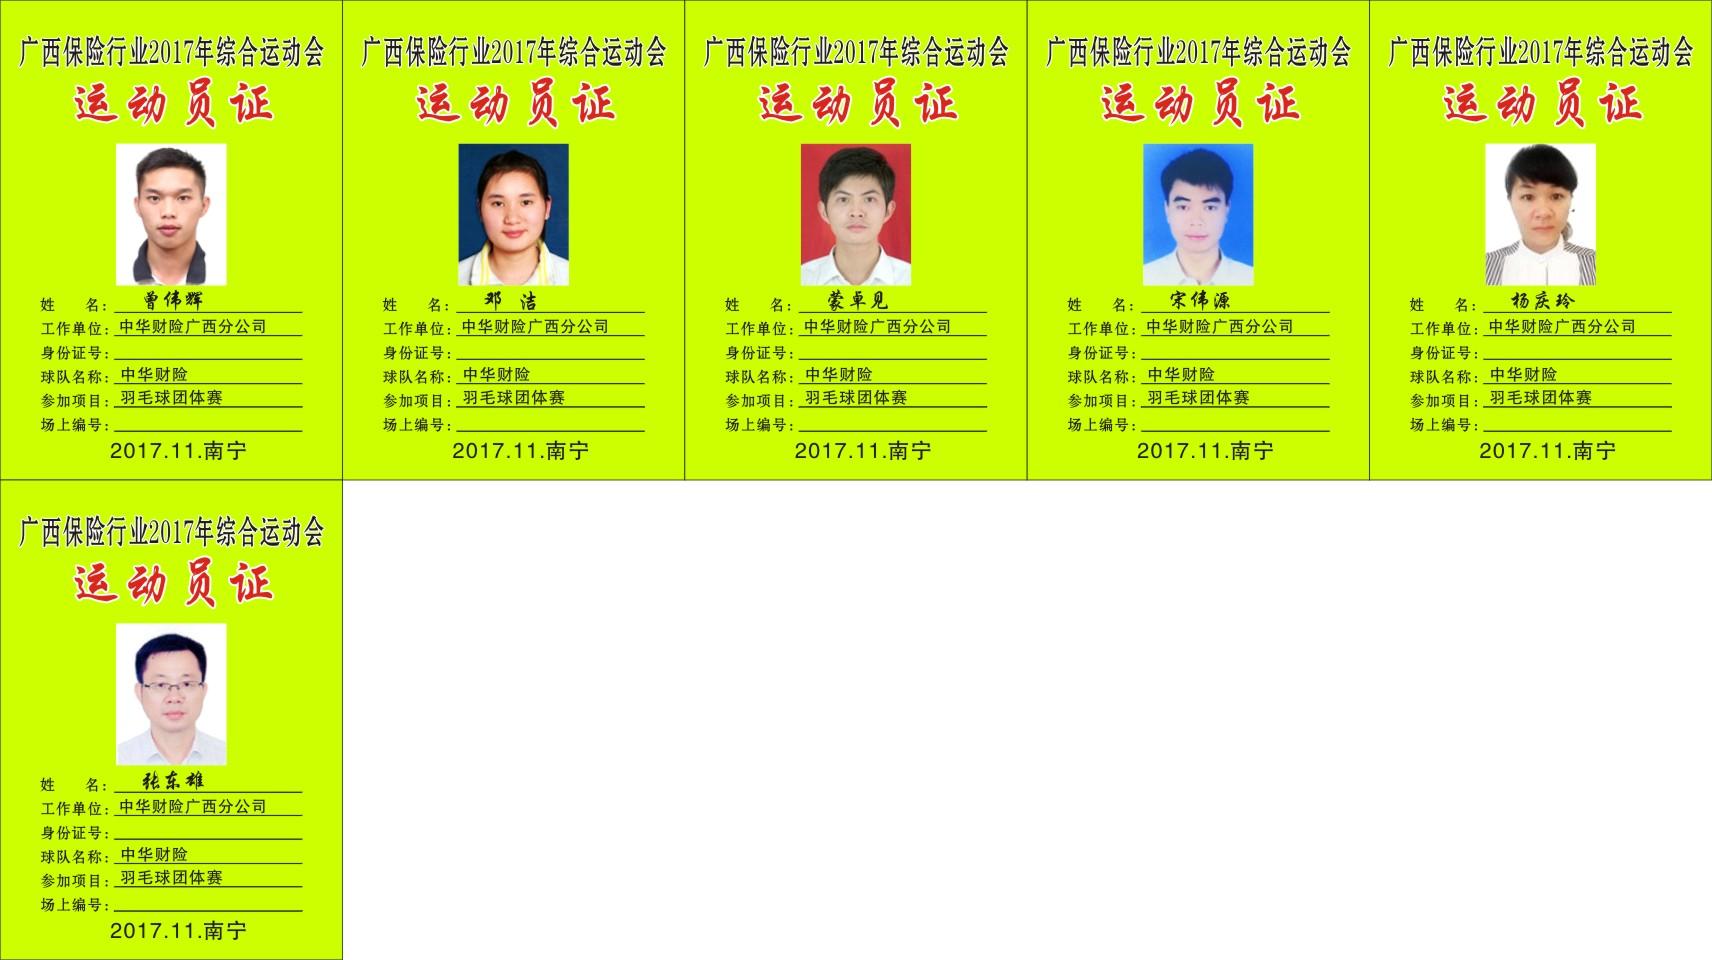 21中华财险广西分公司.jpg